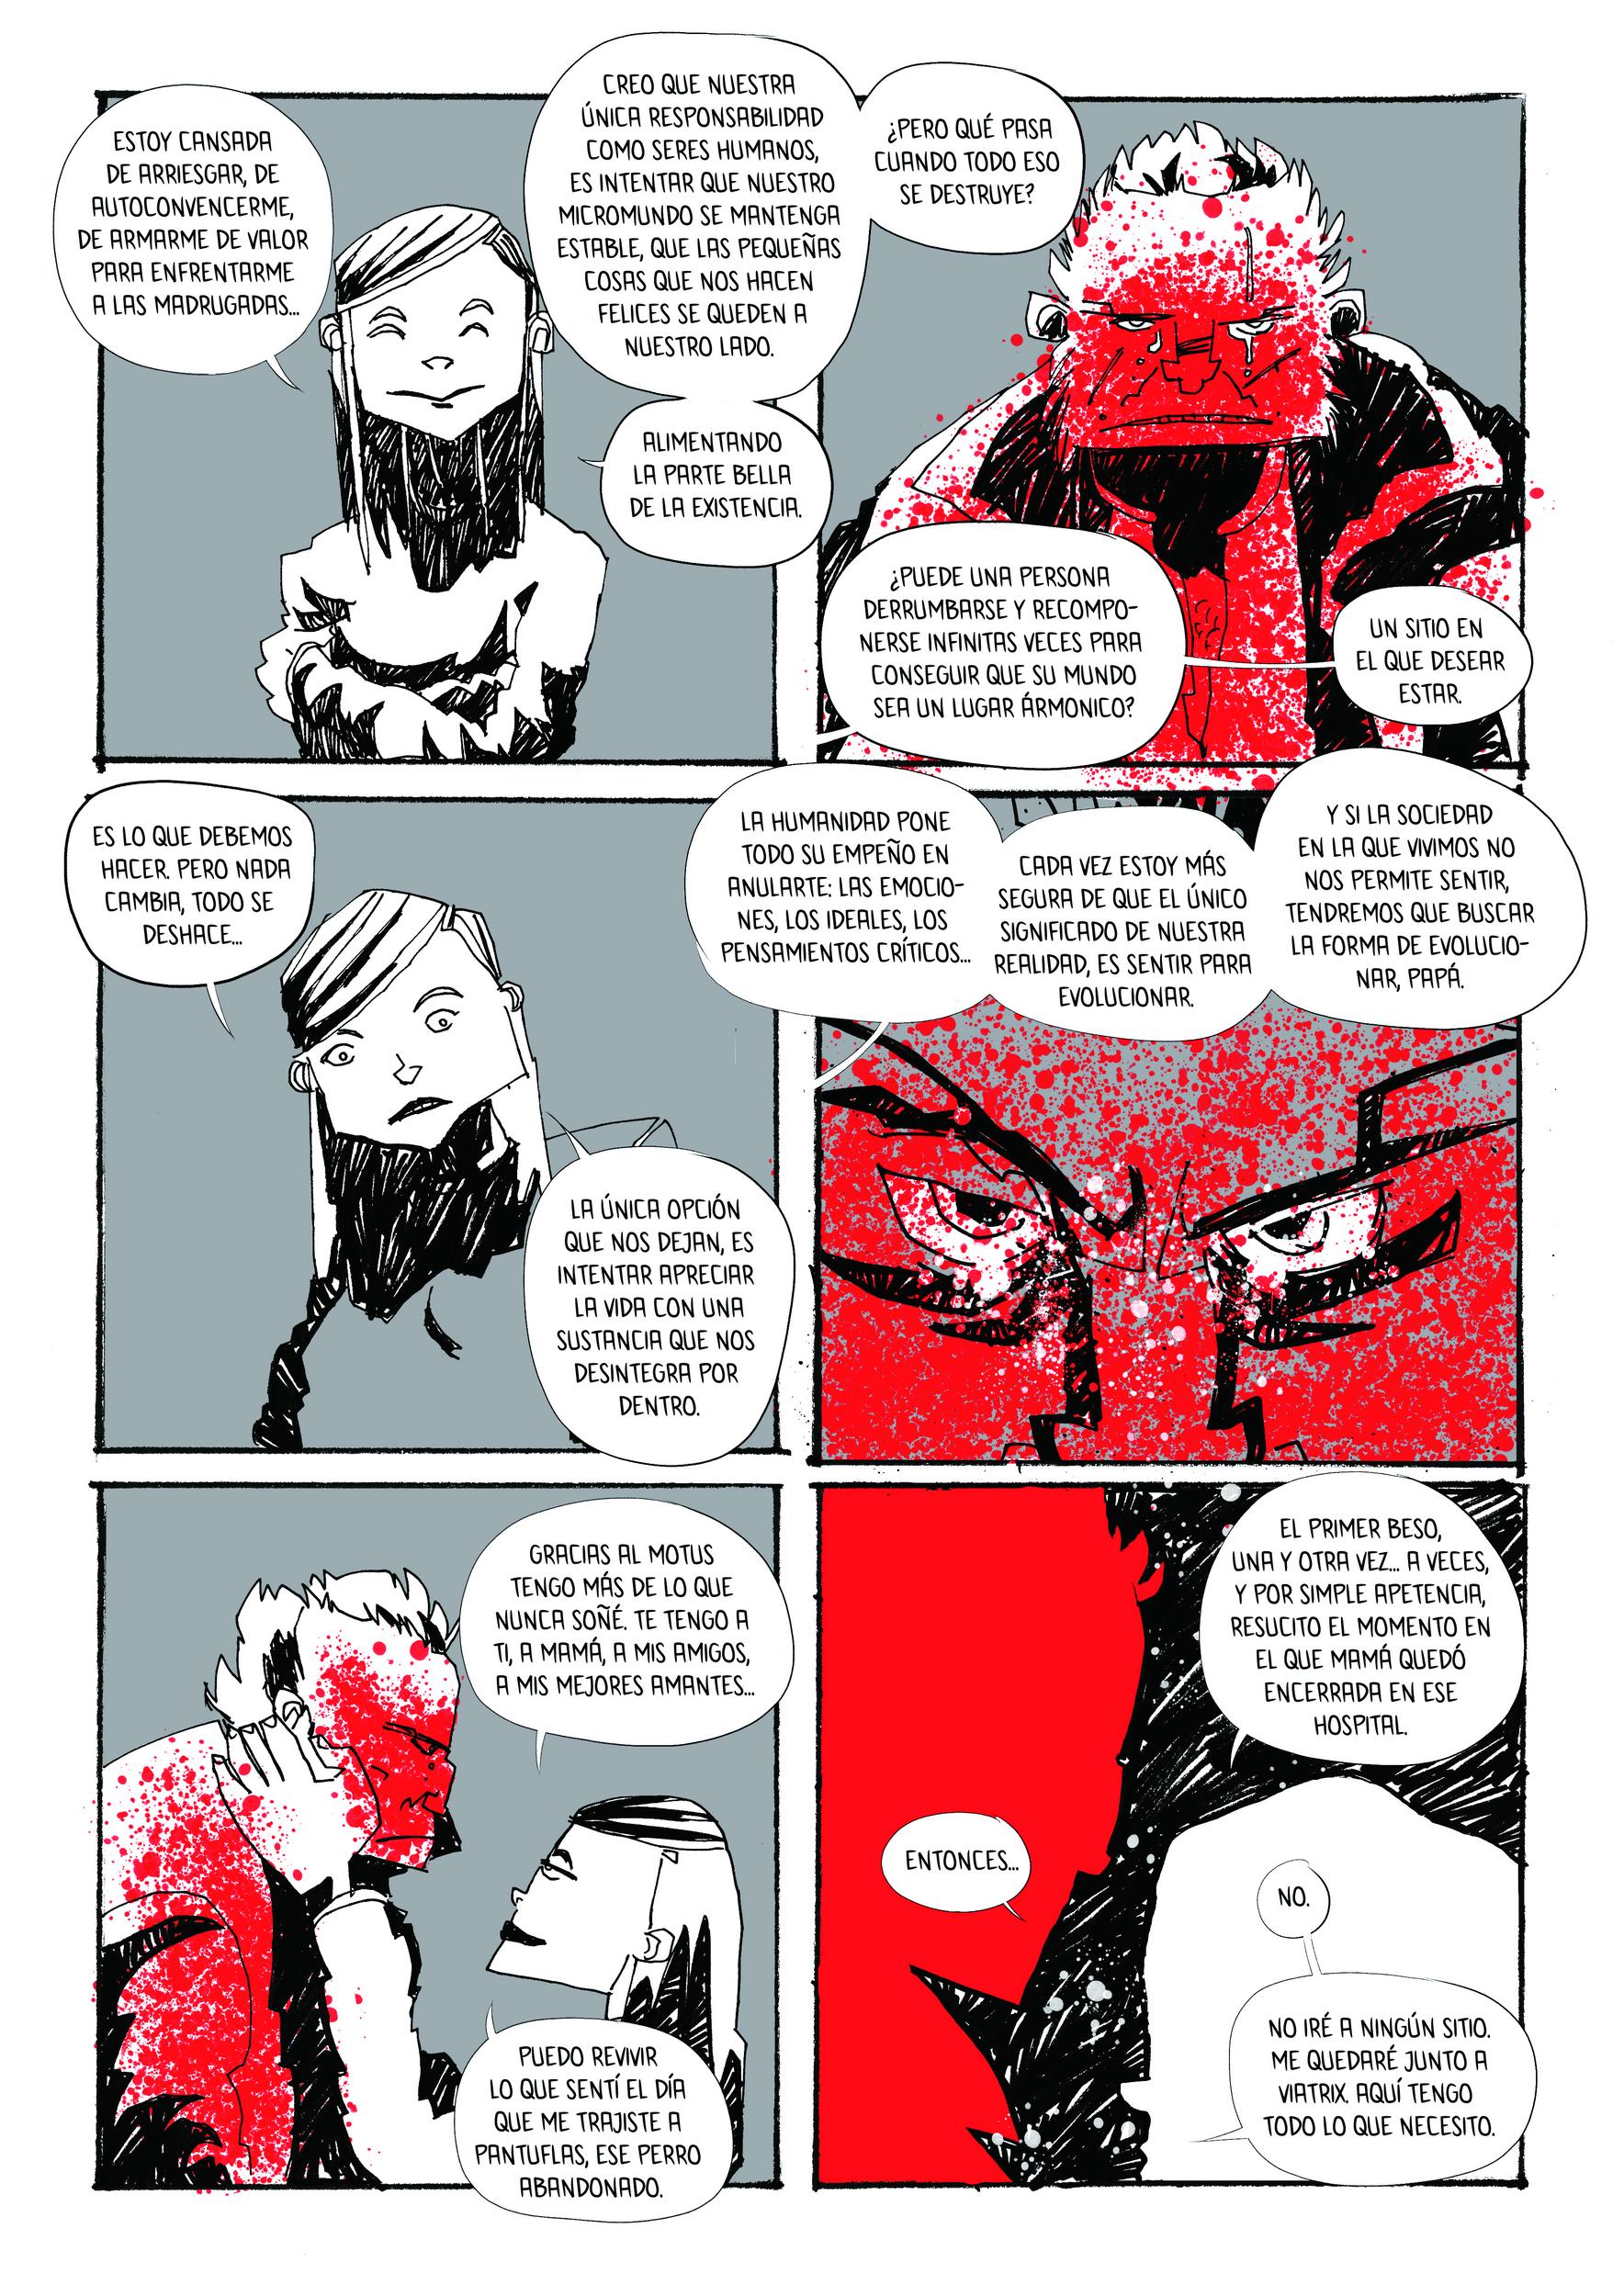 05_Hugo Martín Crespo y Alejandro Cruz Santana_Grind_pagina00023_2500_0036